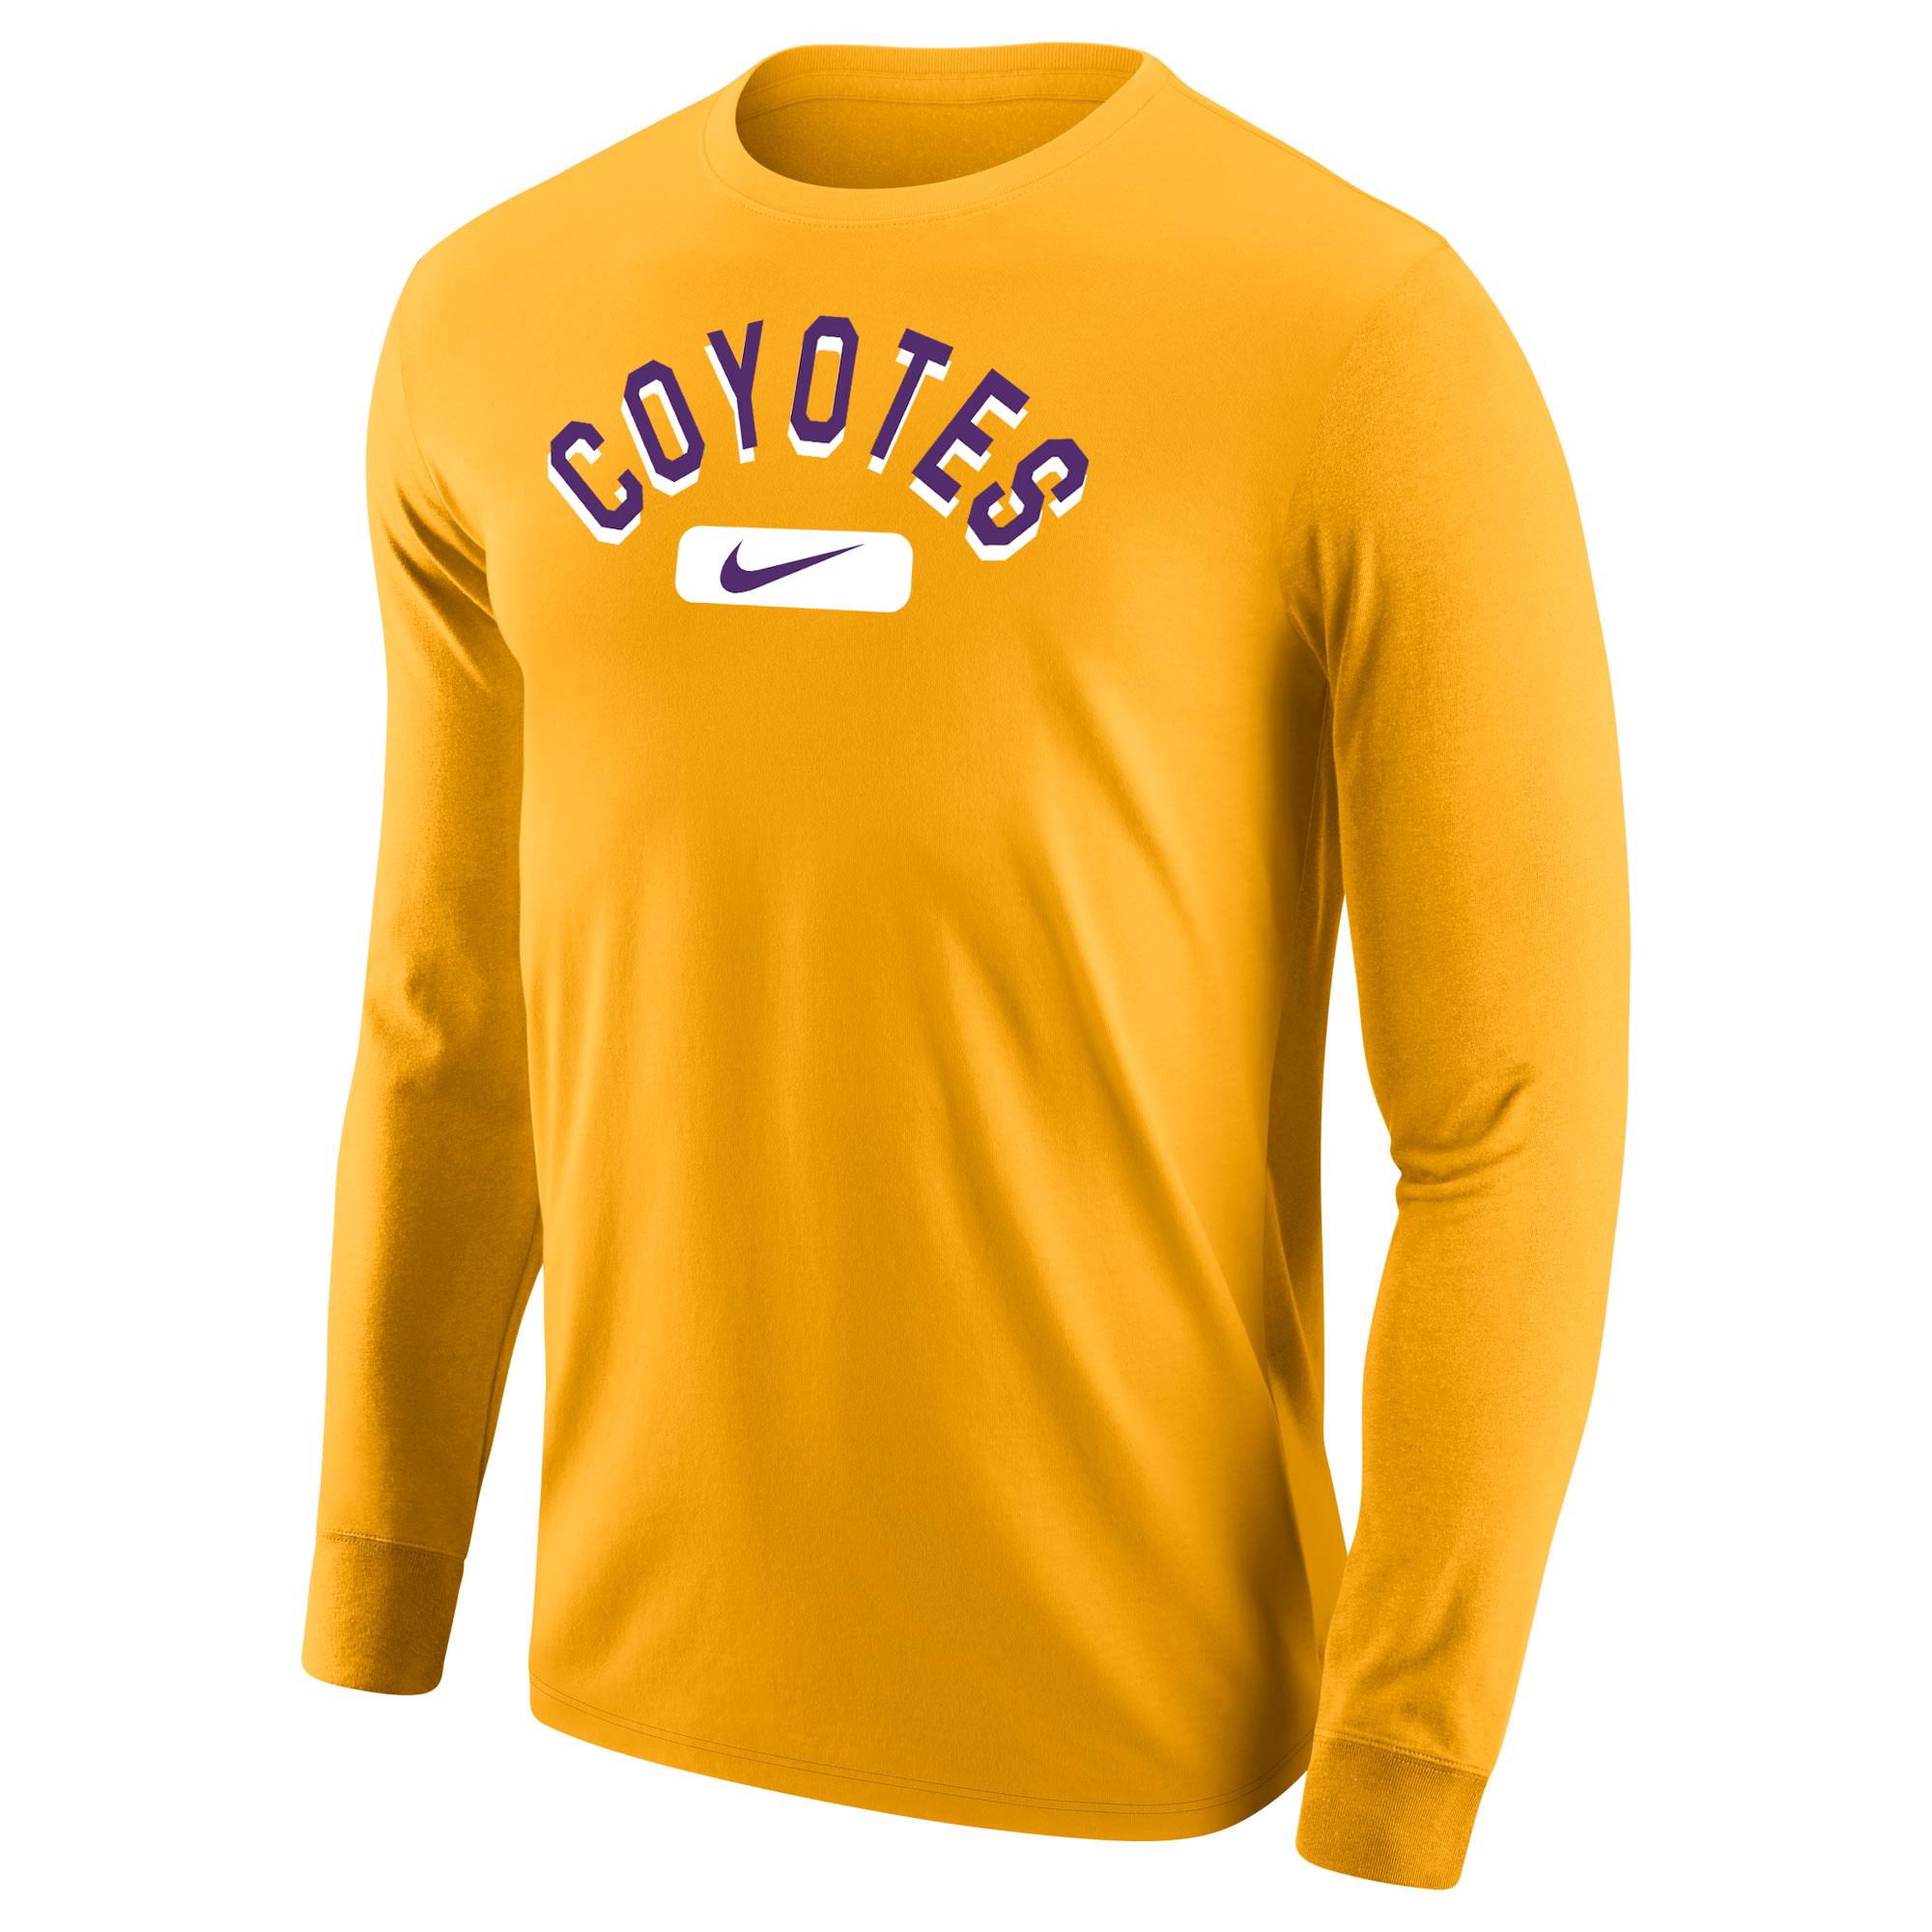 Nike Core Coyotes LS Tee